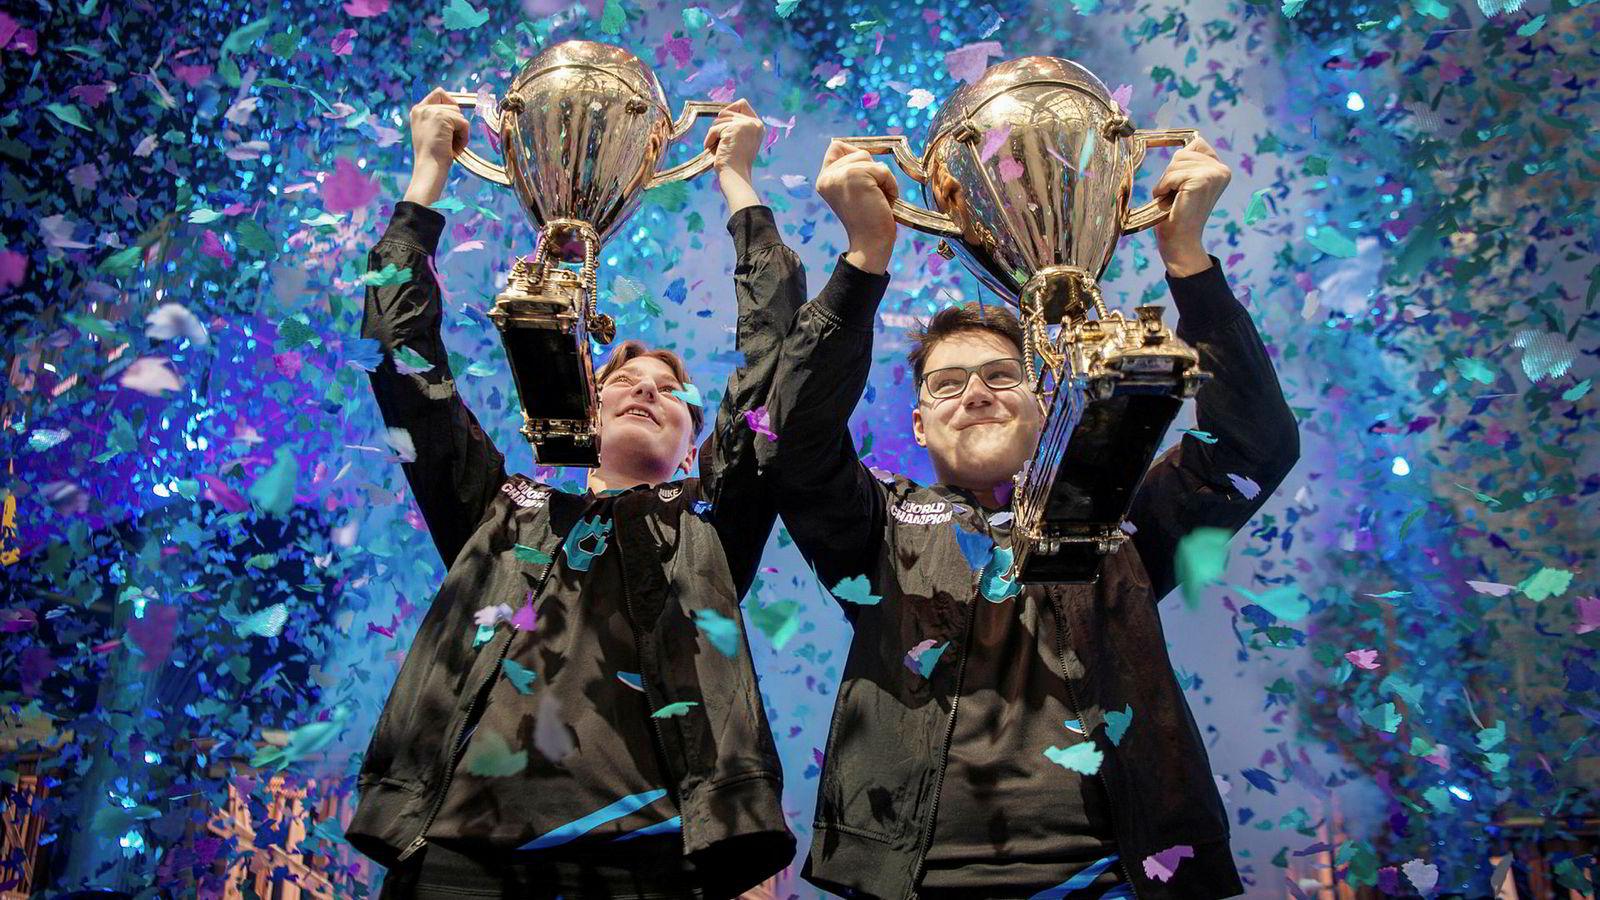 Norske Emil Bergquist Pedersen (til venstre) stakk av med 13 millioner kroner i Fortnite-VM i New York sammen med David Wang.